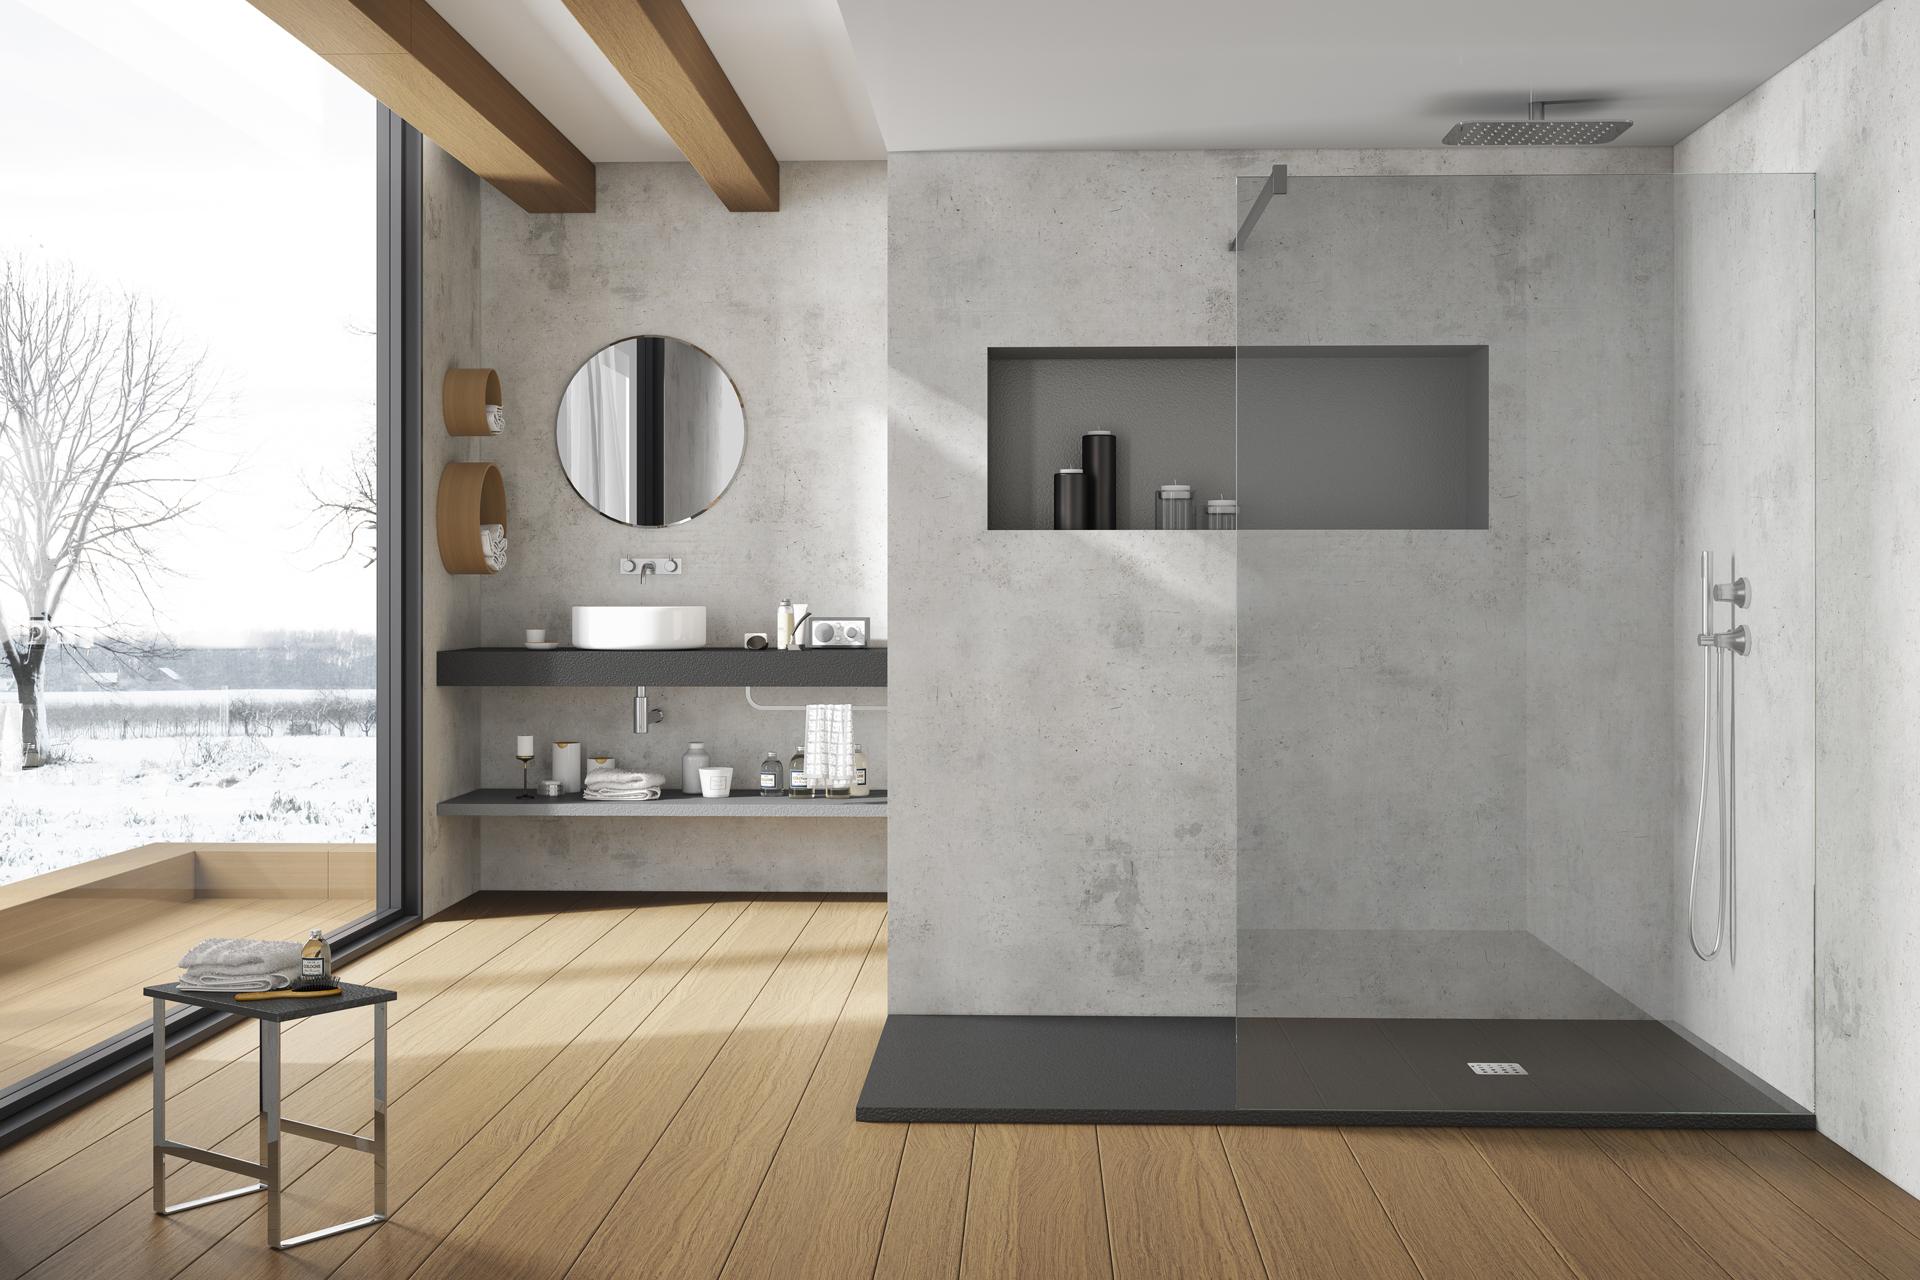 Articles, Ratgeber, Interieur-Design | Teuscher Glasduschen